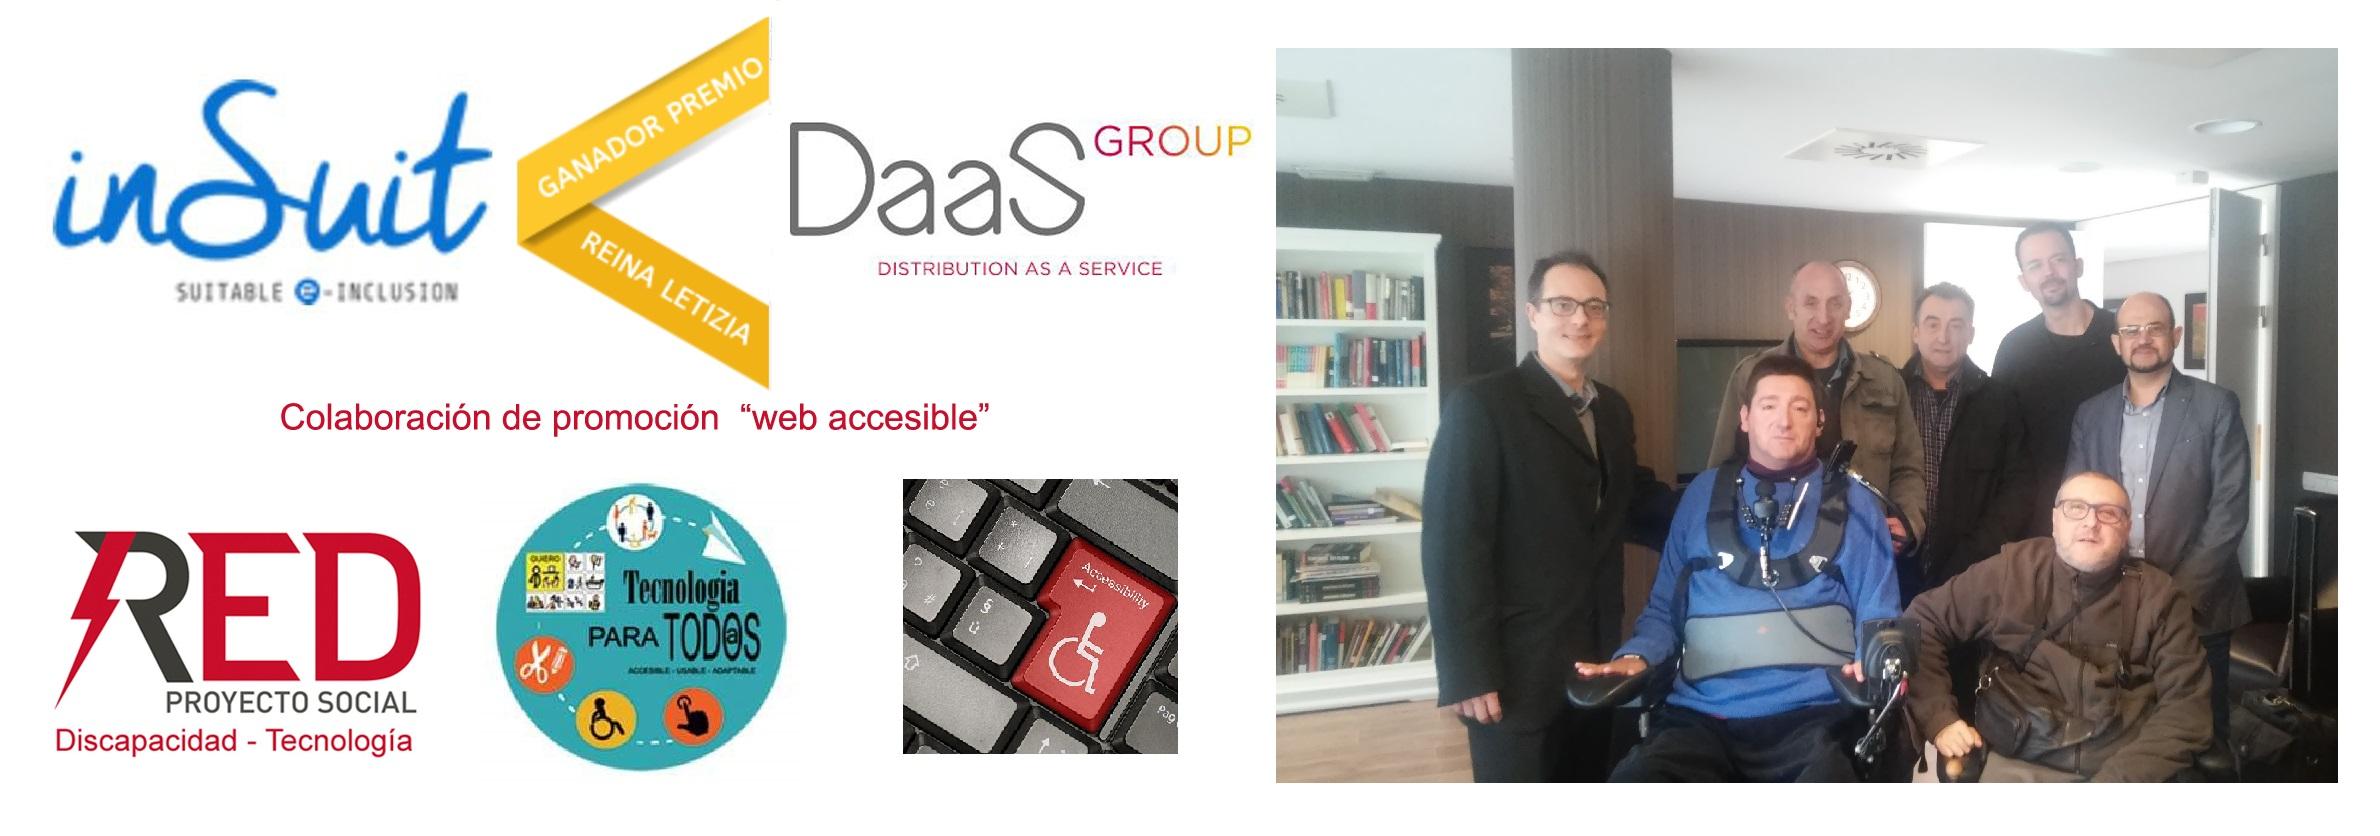 Representantes de nSuit de Daas Group empresa Premio Reina Letizia y RED Proyecto Social Discapacidad tecnología en acto firma convenio por la accesibilidad web y contra la brecha digital